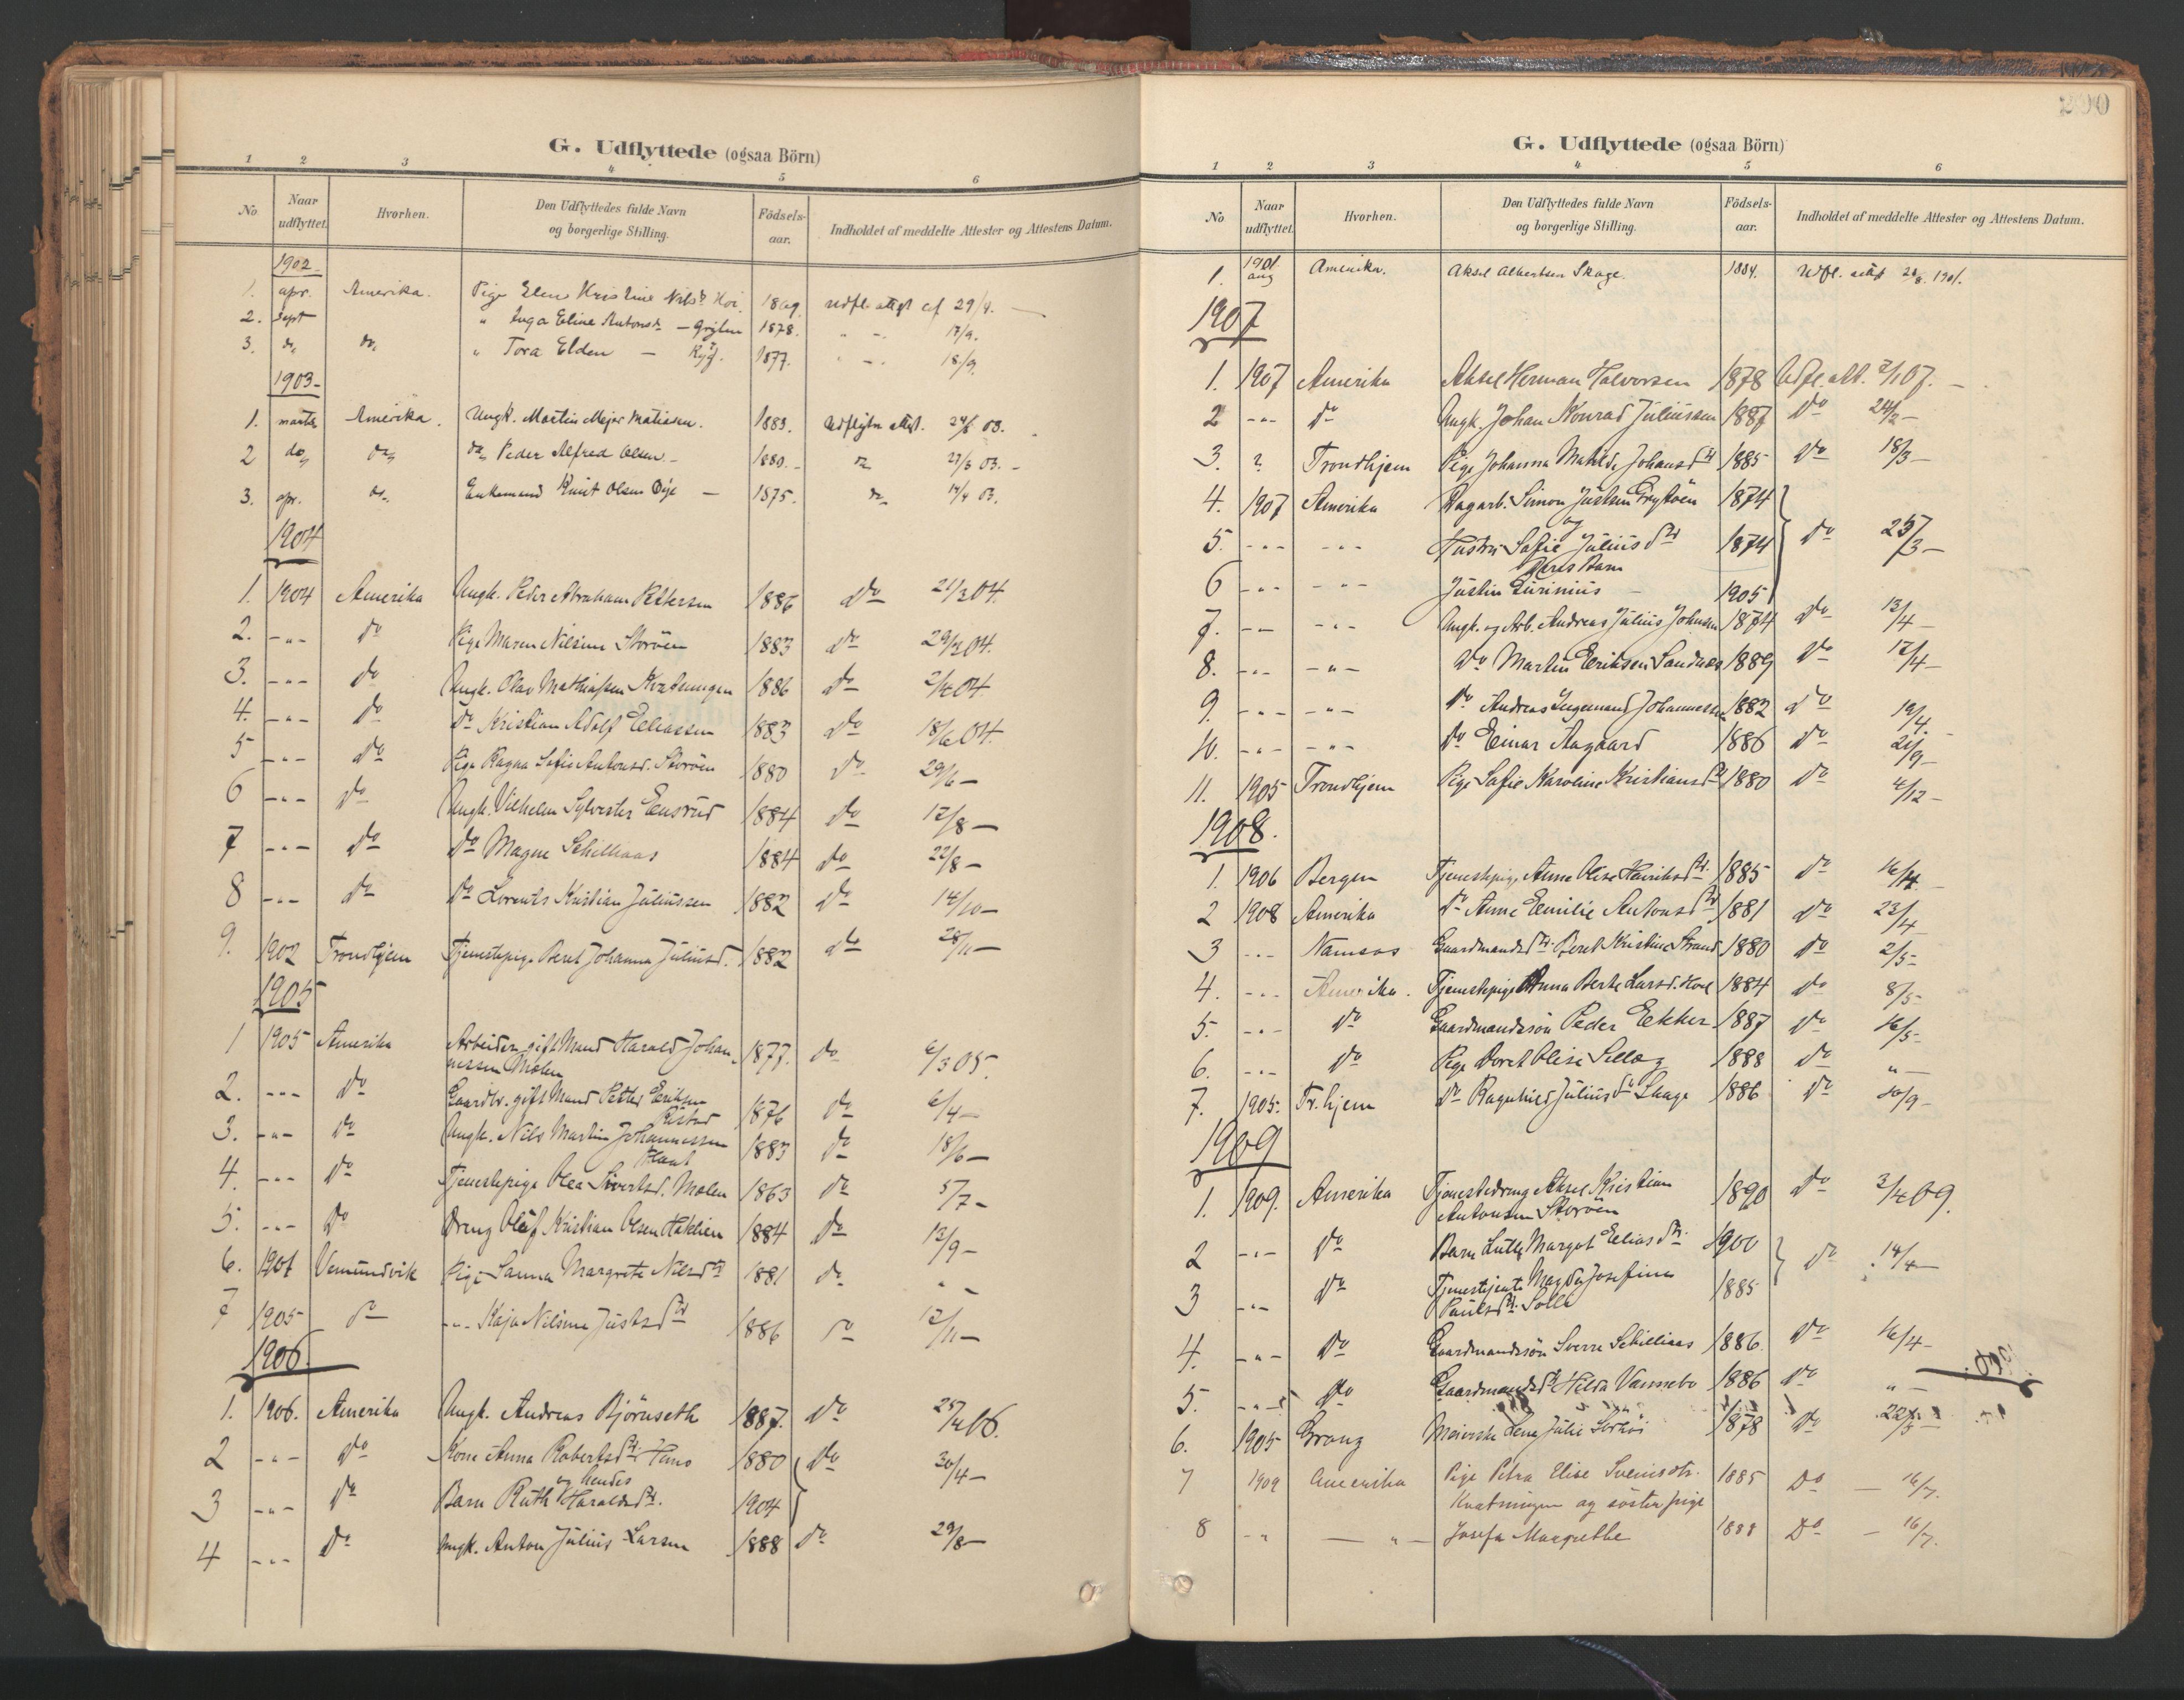 SAT, Ministerialprotokoller, klokkerbøker og fødselsregistre - Nord-Trøndelag, 766/L0564: Ministerialbok nr. 767A02, 1900-1932, s. 200